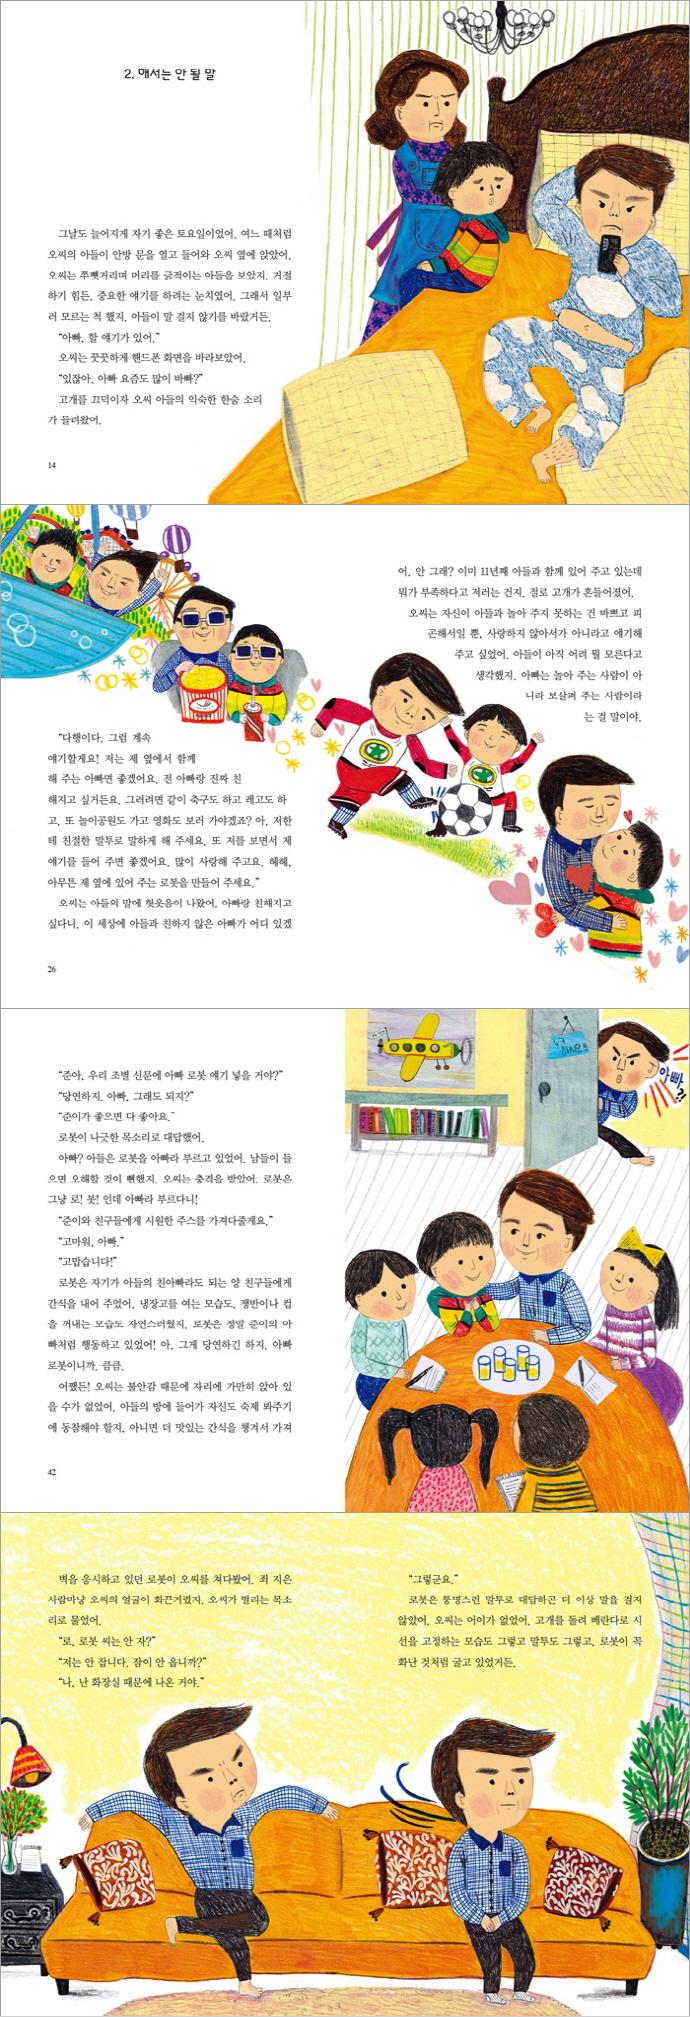 아빠 로봇 프로젝트(상상도서관 6)(양장본 HardCover) 도서 상세이미지